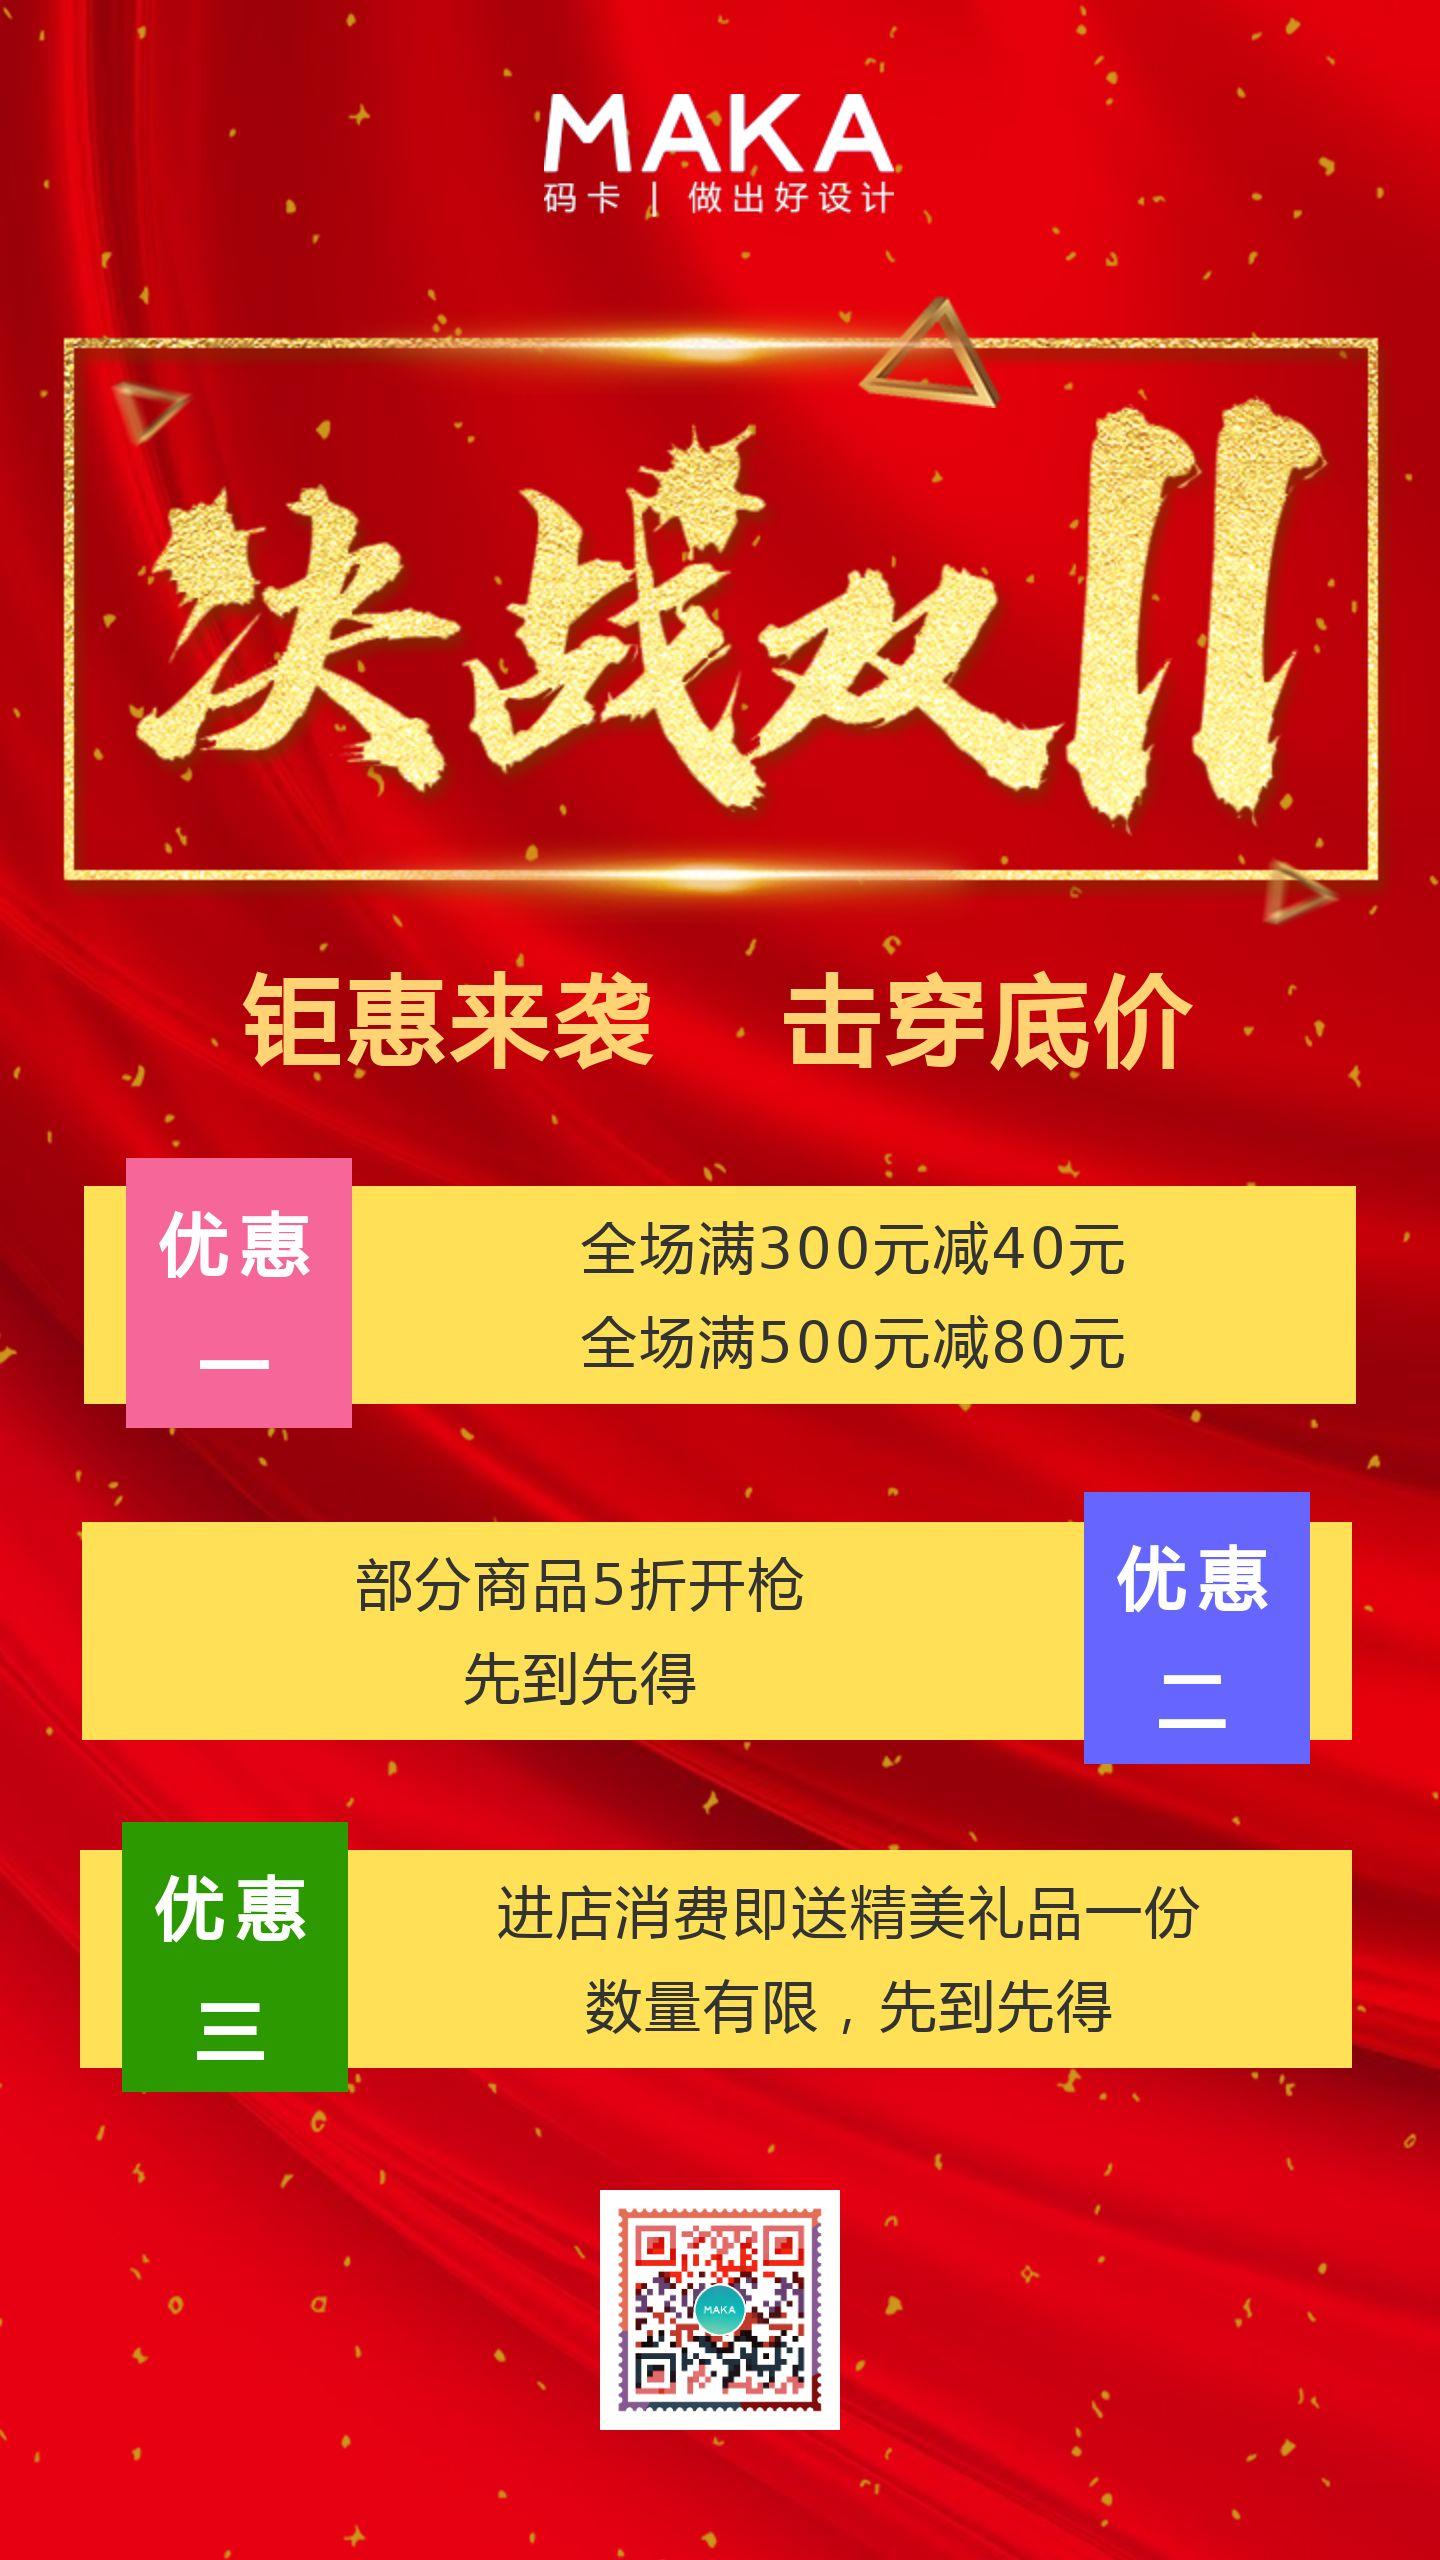 双11红色喜庆中国风商铺促销宣传海报